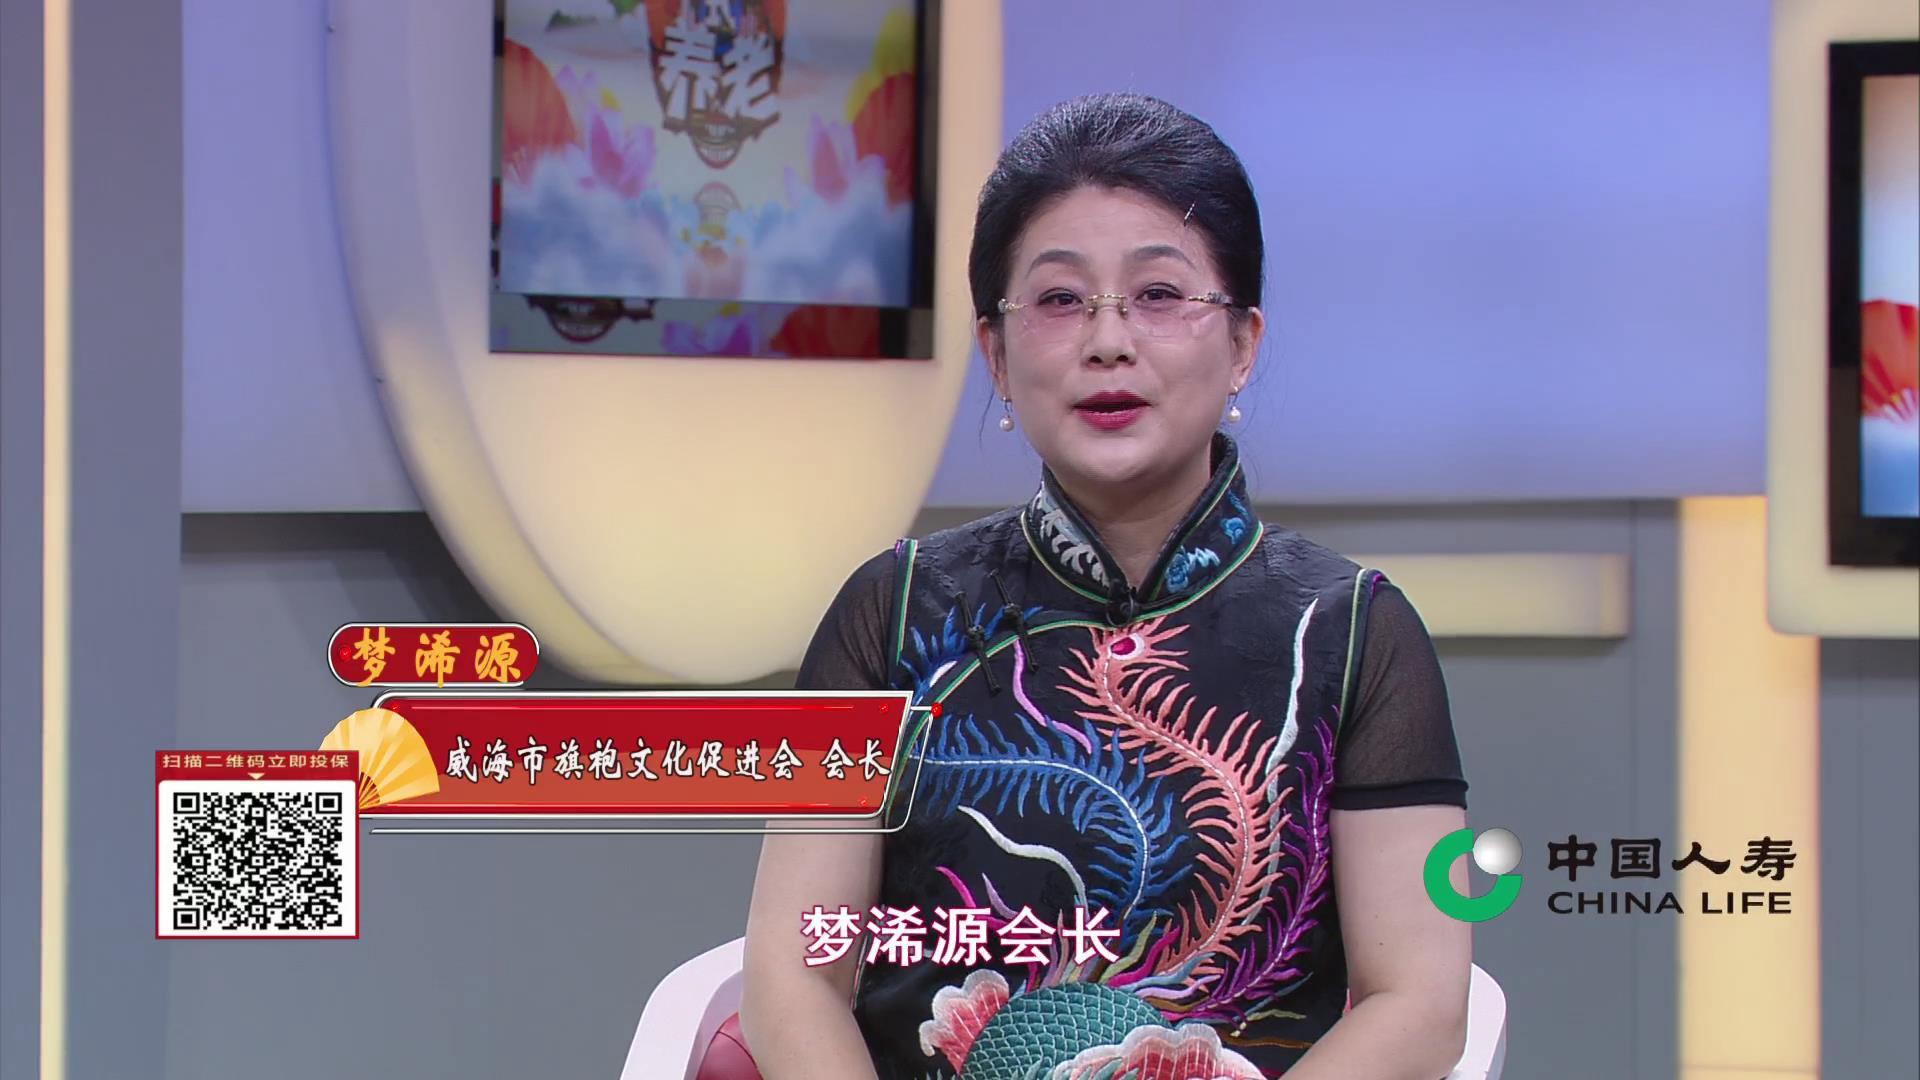 中国式养老-威海市旗袍促进会 让旗袍融入生活